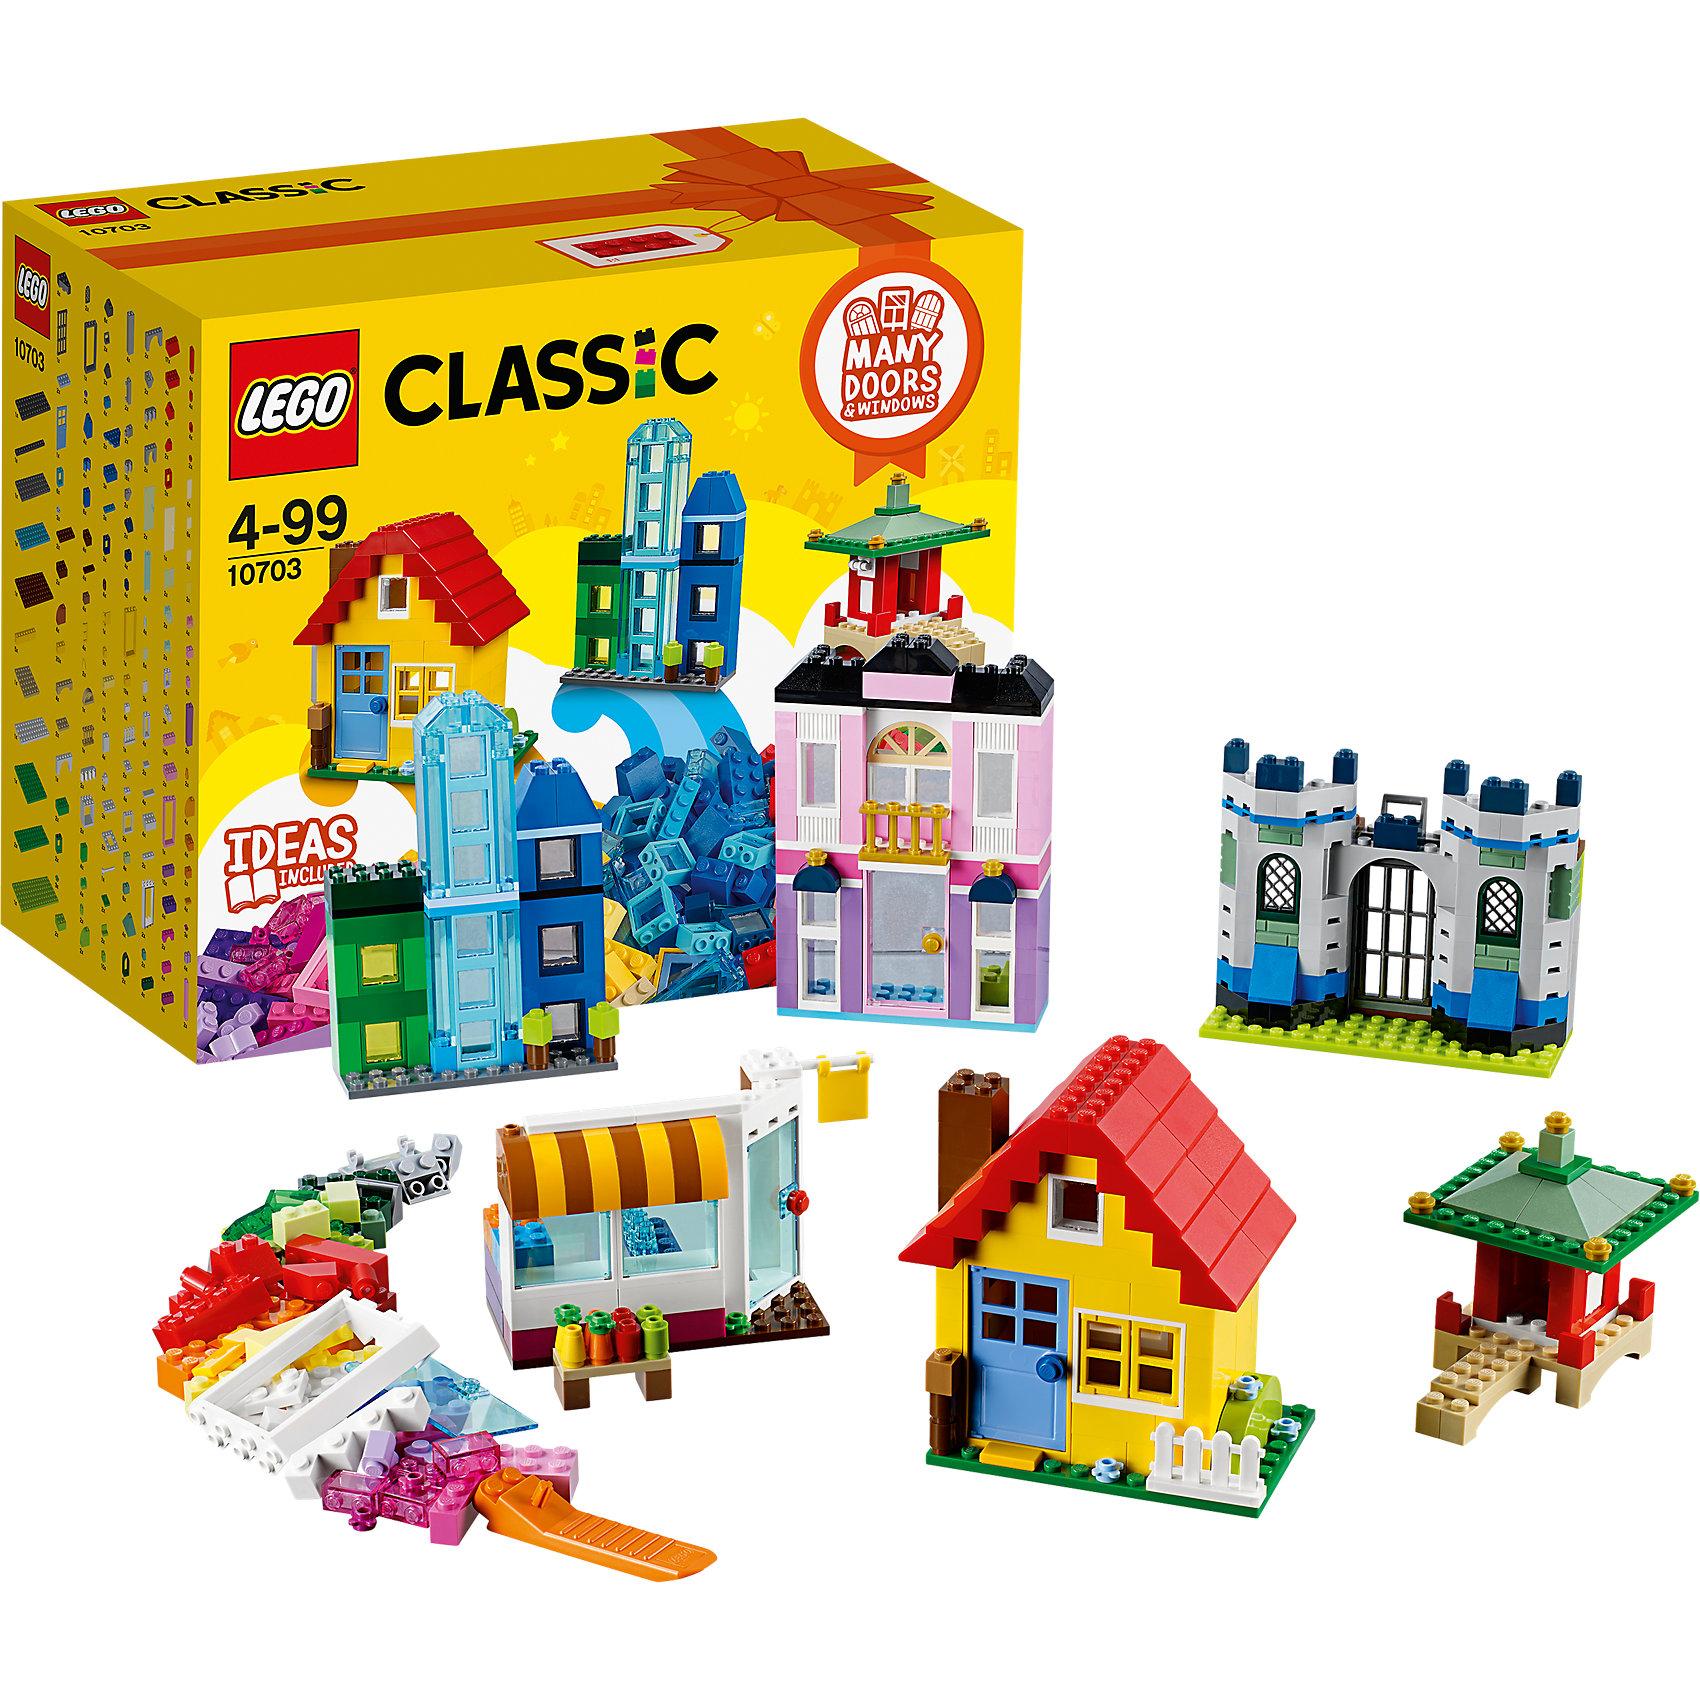 LEGO Classic 10703: Набор для творческого конструированияLEGO Classic 10703: Набор для творческого конструирования<br><br>Характеристики:<br><br>- в набор входит: детали зданий, аксессуары, красочная инструкция<br>- состав: пластик<br>- количество деталей: 502 <br>- размер упаковки: 26 * 14 * 22 см.<br>- для детей в возрасте: от 4 лет<br>- Страна производитель: Дания/Китай/Чехия<br><br>Легендарный конструктор LEGO (ЛЕГО) представляет серию «Classic» (Классик), предназначенную для свободного конструирования. В наборы этой серии включены разнообразные детали, позволяющие строить в свое удовольствие и на свое усмотрение. Данный набор посвящен постройке зданий, в него входит более 9 типов различных окон, четыре типа дверей и блоки двенадцати цветов для постройки дома своей мечты. Набор предлагает сооружать постройку магазина, городских зданий, замка принцессы или серьезного рыцарского замка, постройки в китайском стиле и классический домик, который можно открывать и поселить в него маленьких кукол (в наборе отсутствуют). Для реалистичности в набор добавлены детали аксессуары в виде овощей и фруктов для магазина, небольшой детали ограды для домика, вывески-флажка, прозрачных пластиковых деталей для постройки стеклянного дома, небольших деталек золотого цвета для замка принцессы, рельефный деталей в виде кирпичей для замка рыцаря, детали своды для построек восточного стиля. Воплотите в жизнь свои идеи с помощью набора LEGO «Classic»!<br><br>Конструктор LEGO Classic 10703: Набор для творческого конструирования можно купить в нашем интернет-магазине.<br><br>Ширина мм: 268<br>Глубина мм: 223<br>Высота мм: 147<br>Вес г: 912<br>Возраст от месяцев: 48<br>Возраст до месяцев: 144<br>Пол: Унисекс<br>Возраст: Детский<br>SKU: 5002413